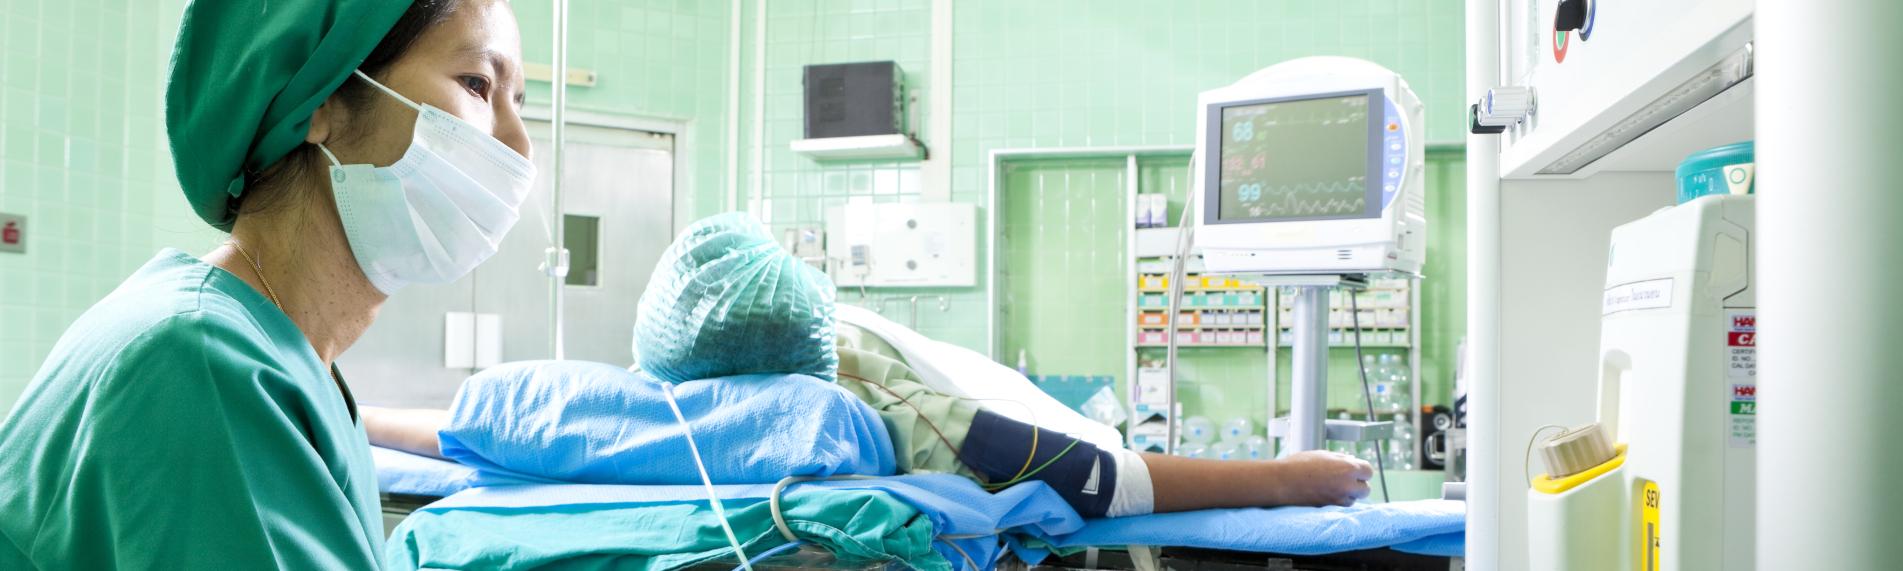 Befugtning og fugtstyring mindsker risikoen for gener og luftbårne vira